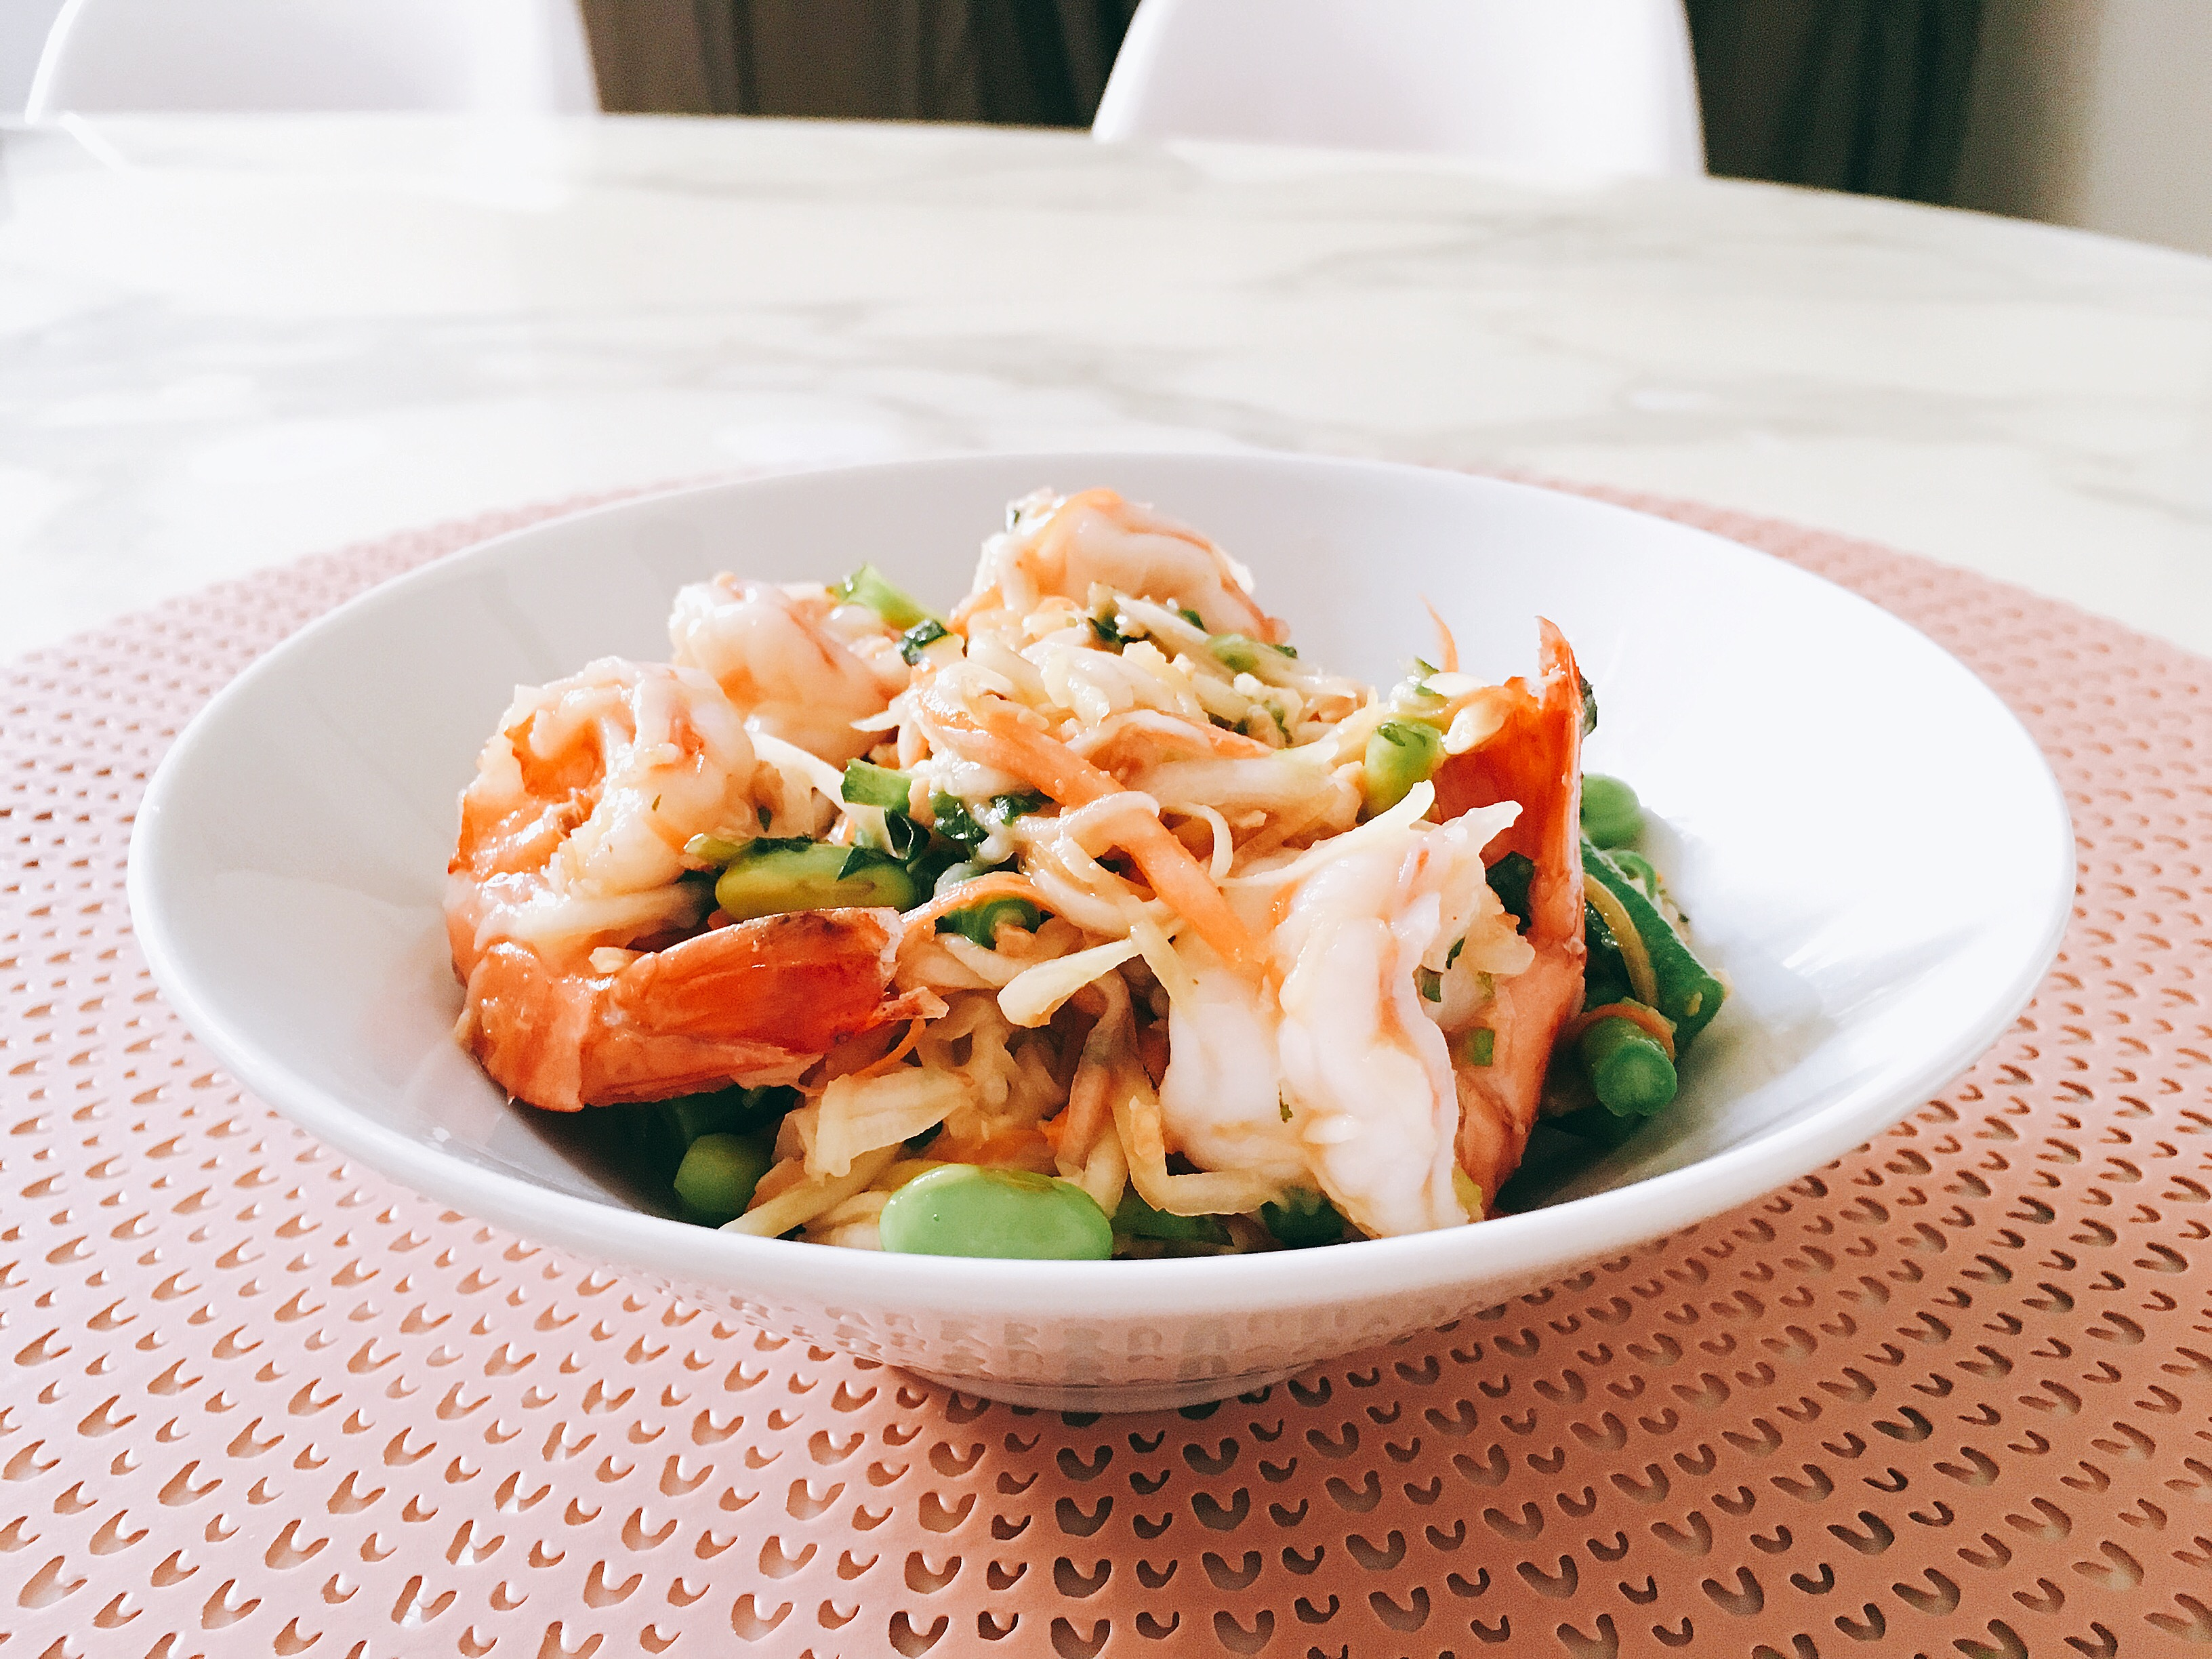 Salade mangue verte aux crevettes